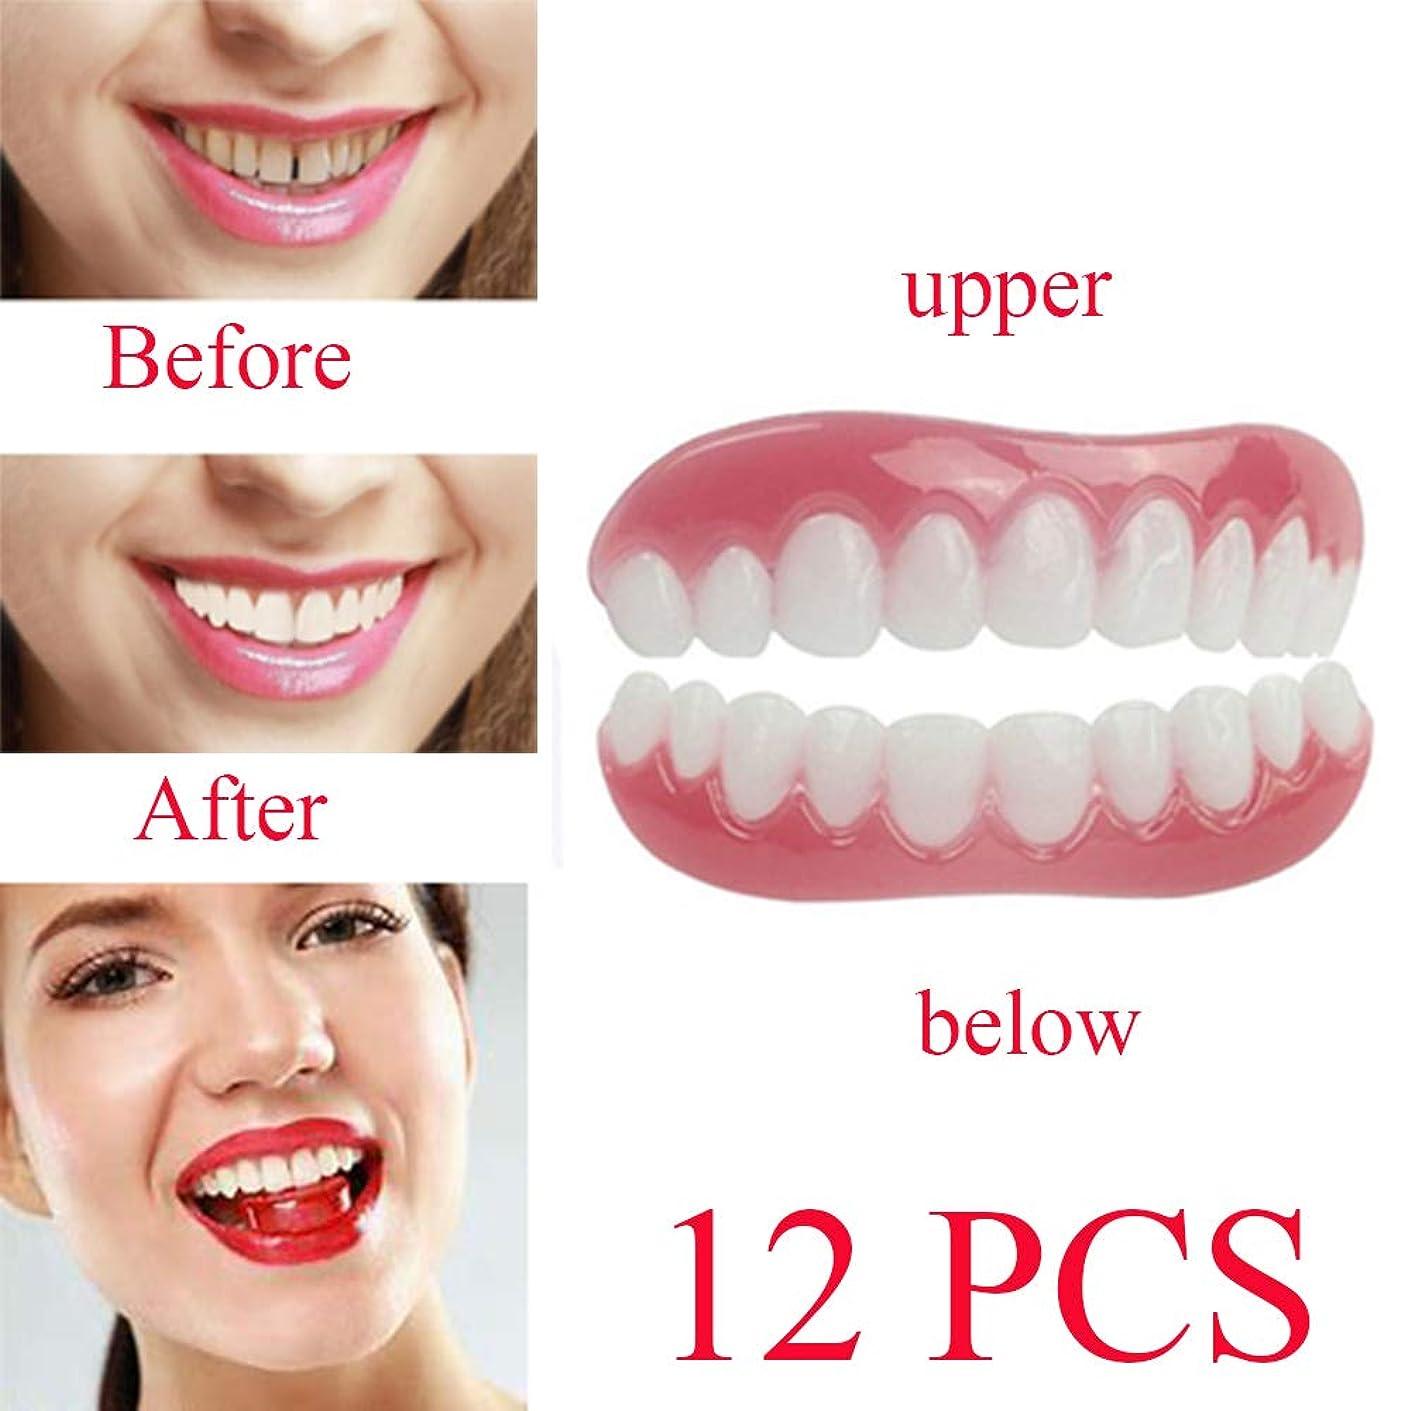 投げる独裁者肥満模造歯12 PCS快適な柔らかい化粧板突き板突き合わせ歯完璧な笑顔義歯ホワイトニングブレースo口腔衛生ケア(上+下)